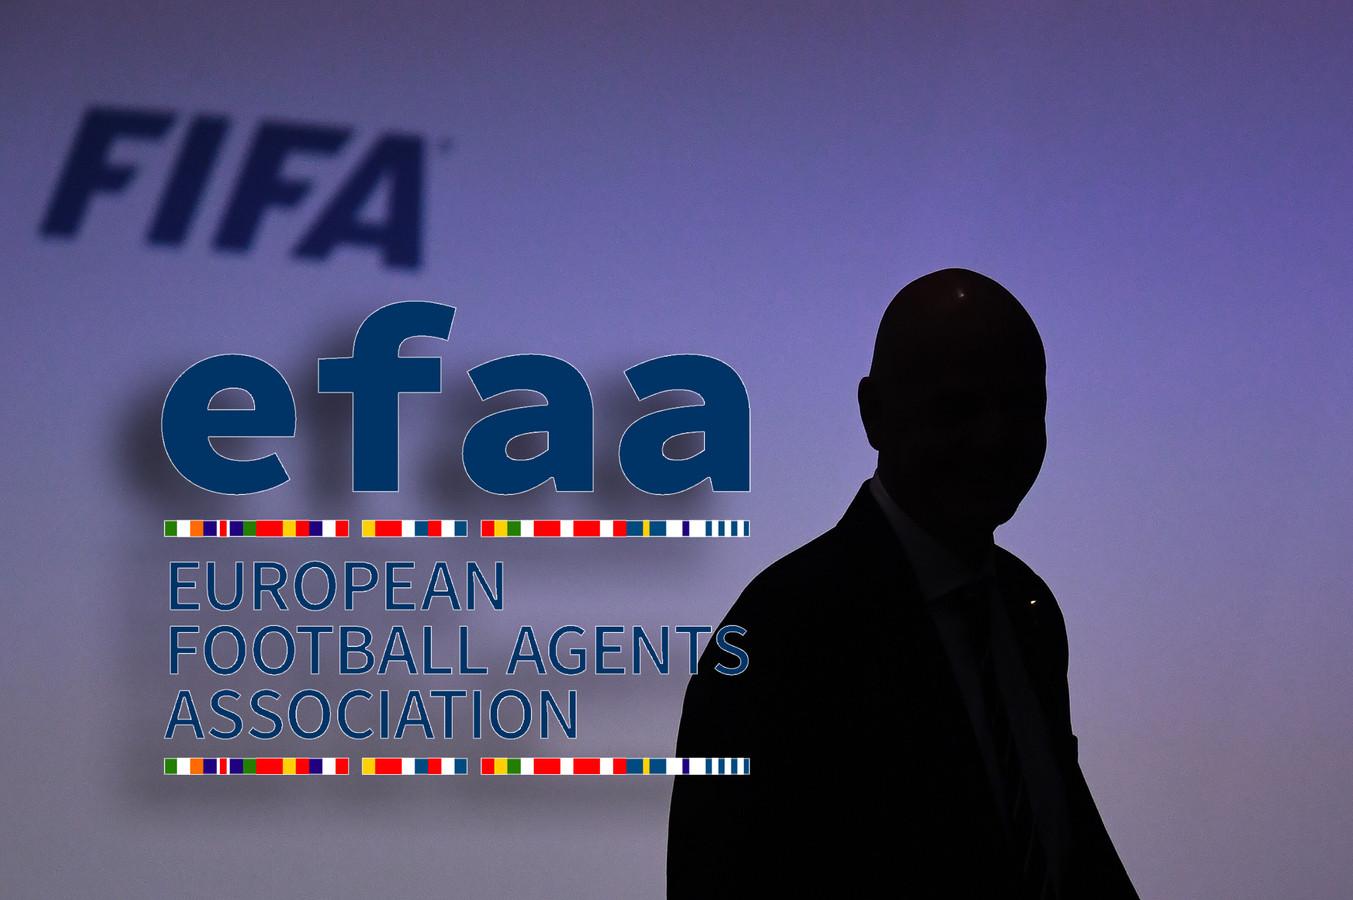 Gianni Infantino ligt onder vuur bij de EFAA, de Europese vereniging voor voetbalmakelaars.